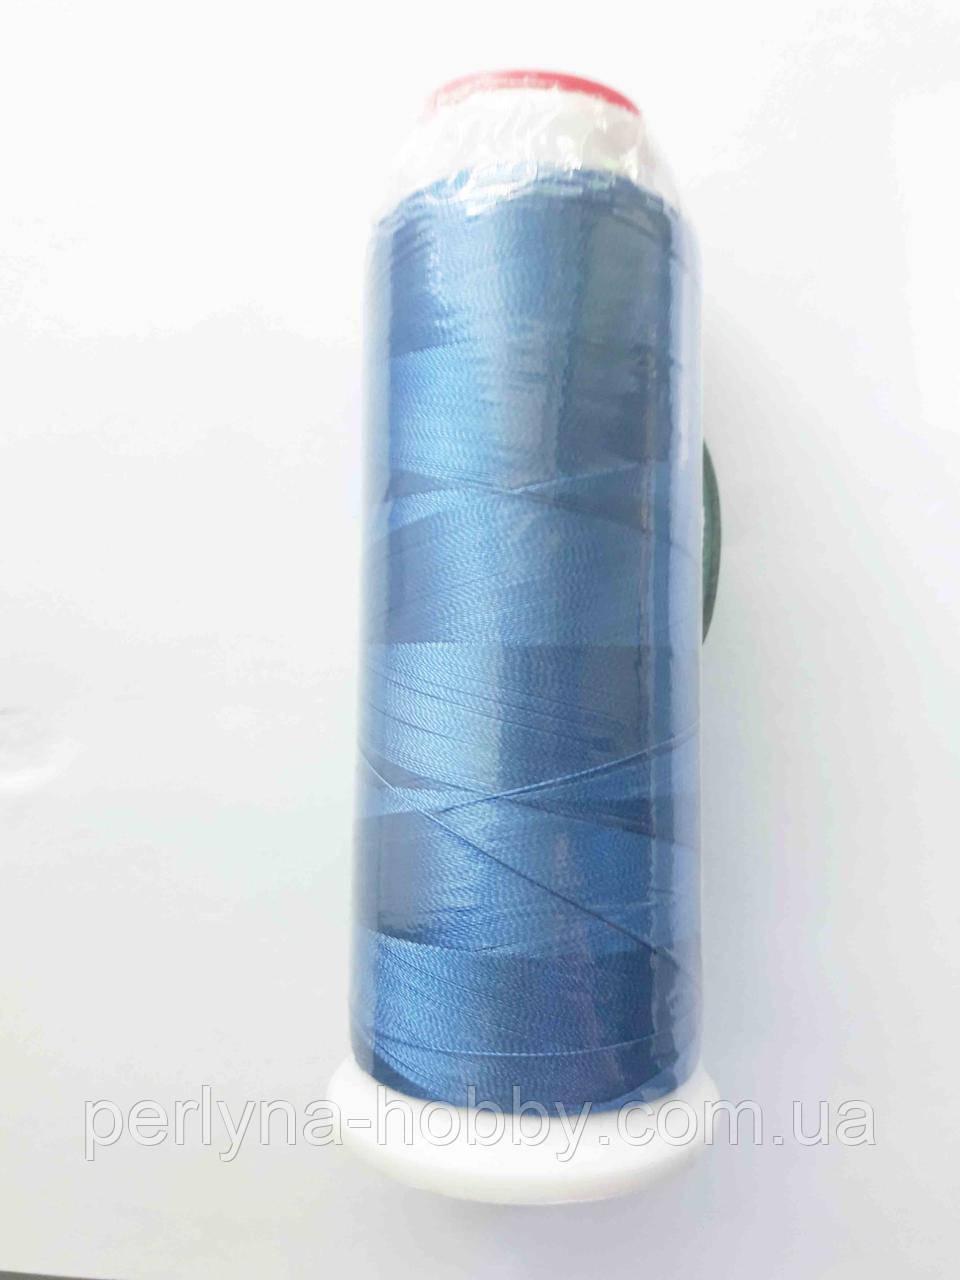 Нитки для машинної вишики 100% віскоза (100% rayon) 3000 ярдів, темний голубий